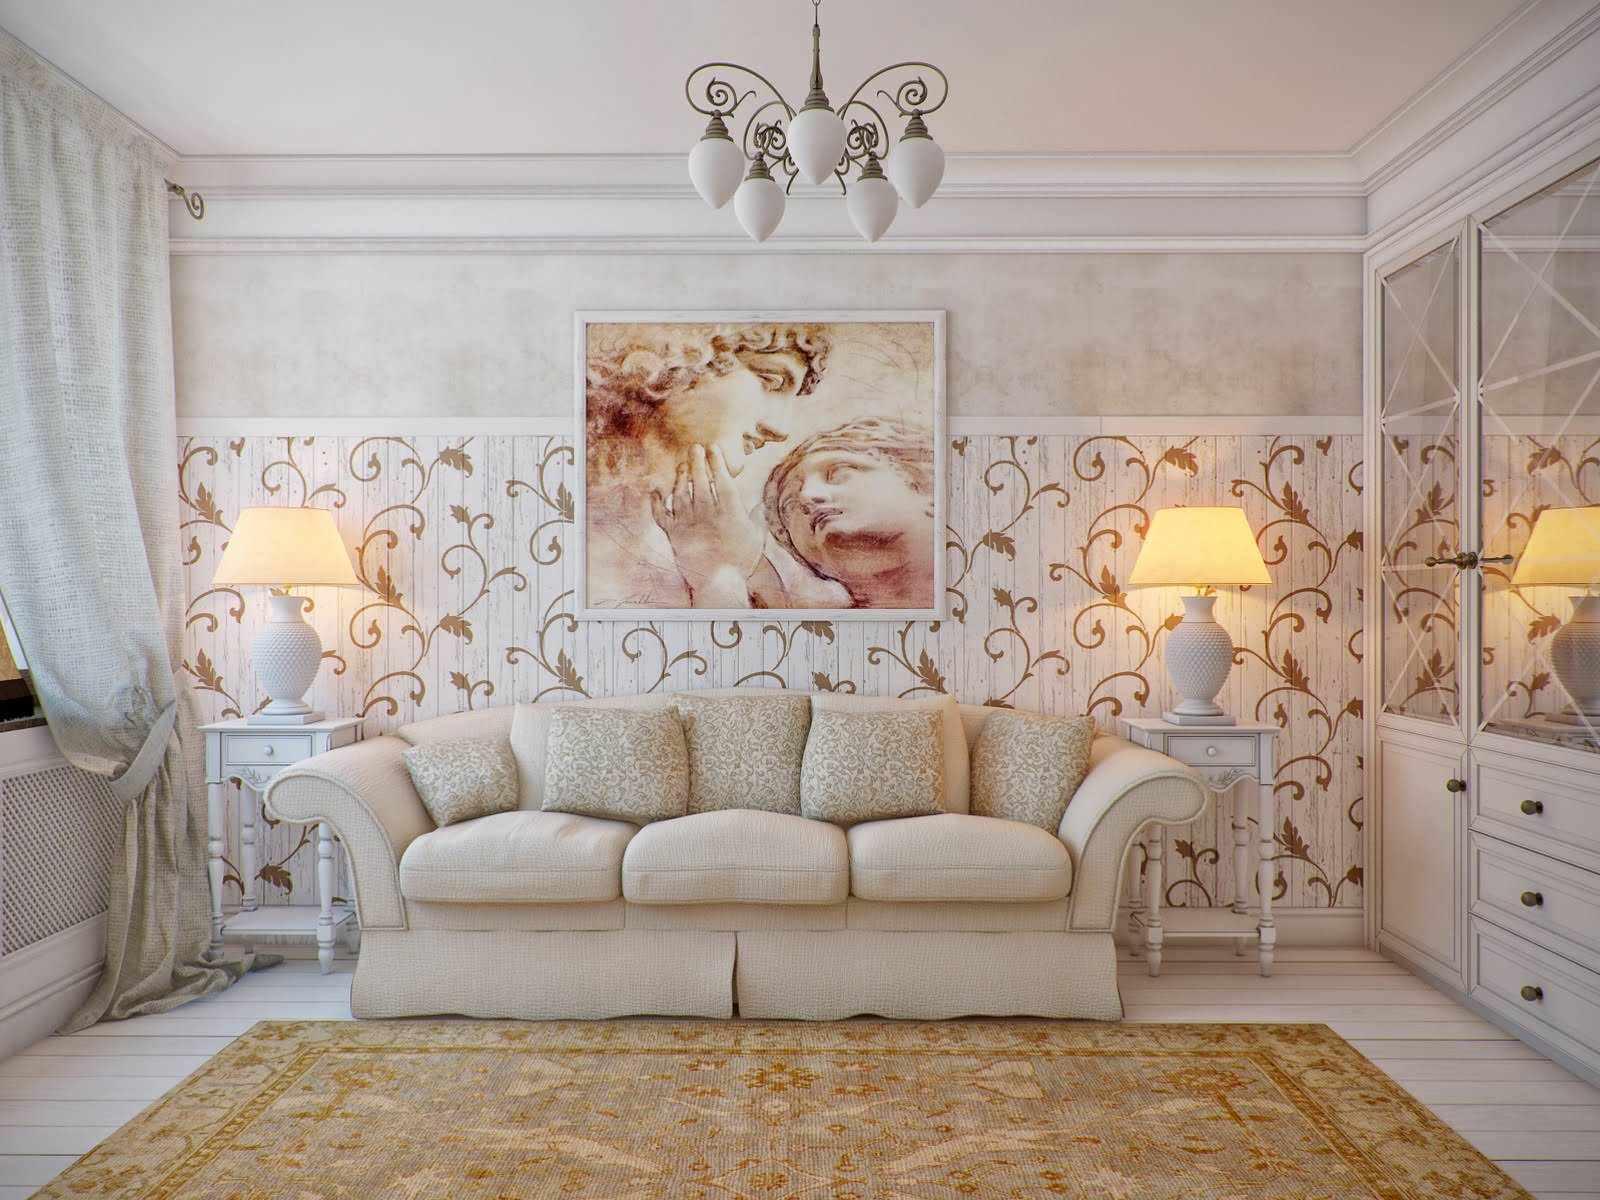 phiên bản của thiết kế khác thường của provence trong phòng khách